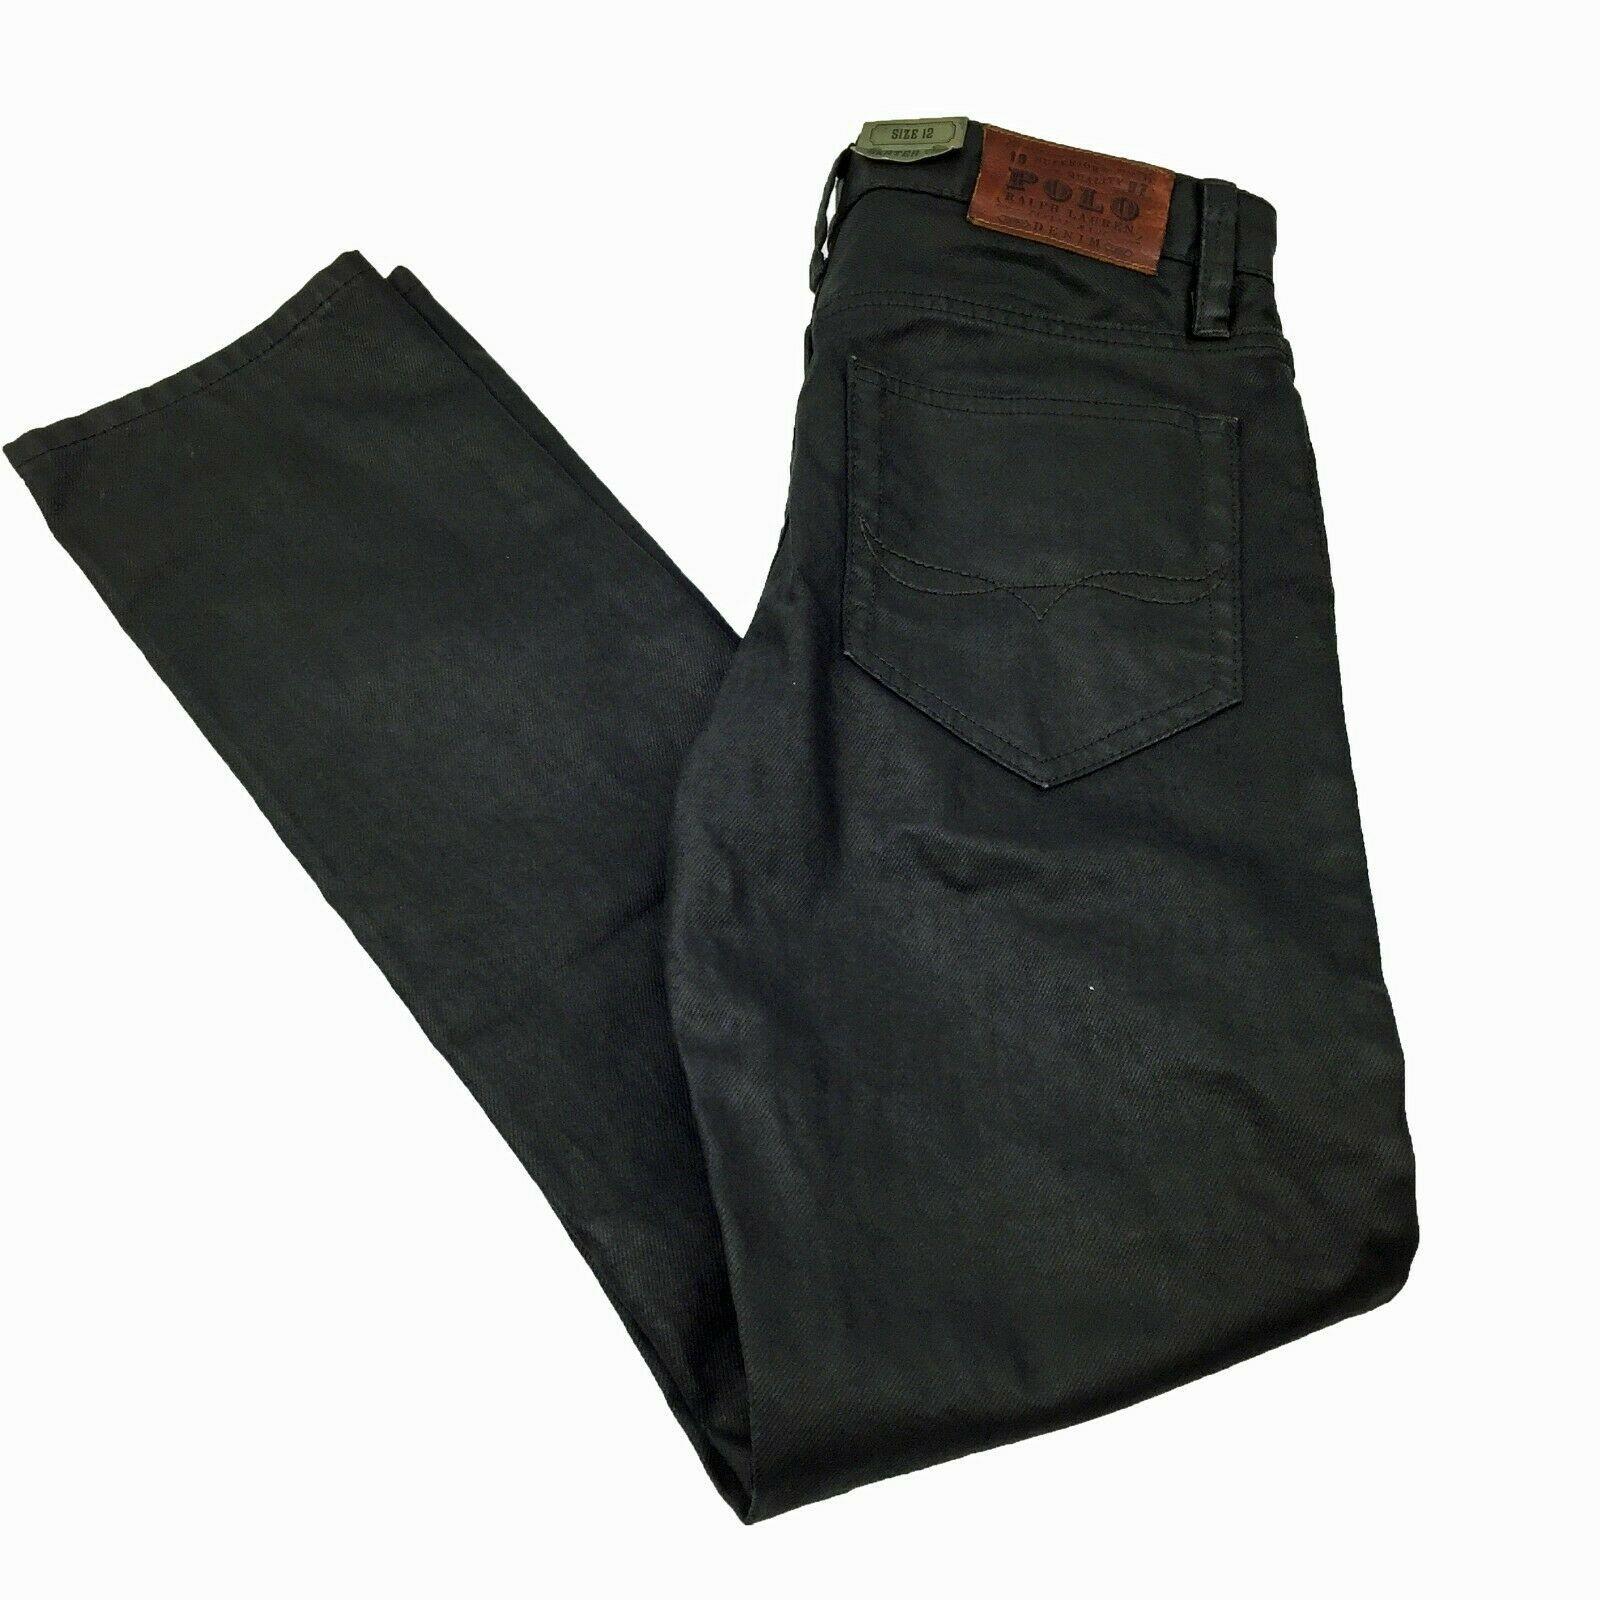 Boys POLO RALPH LAUREN Skater 750 Black Skinny Leg Jeans Size 12 **NWOT